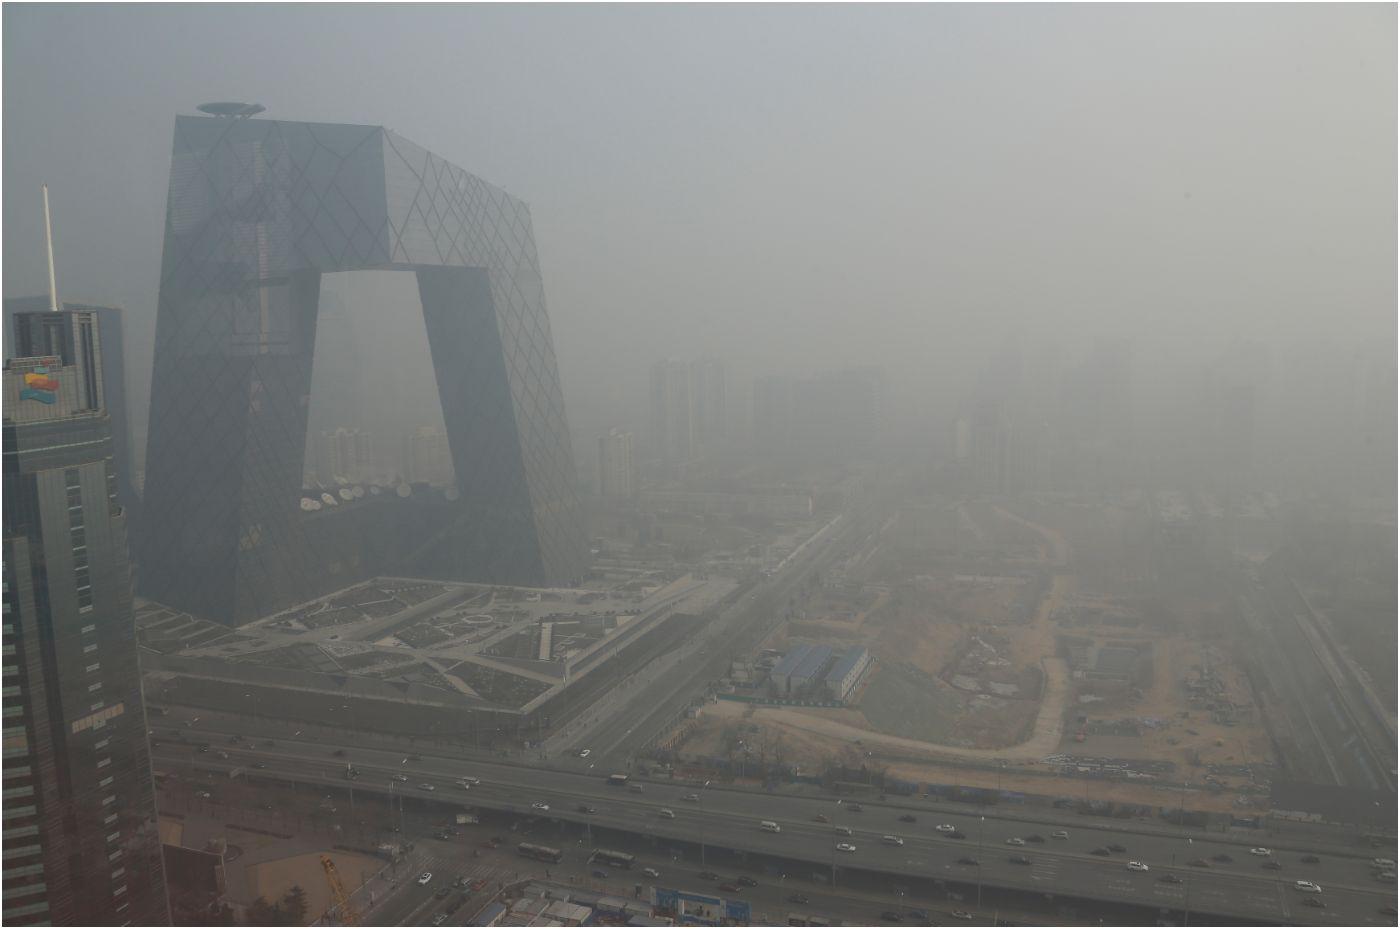 Kina u velikim količinama smoga